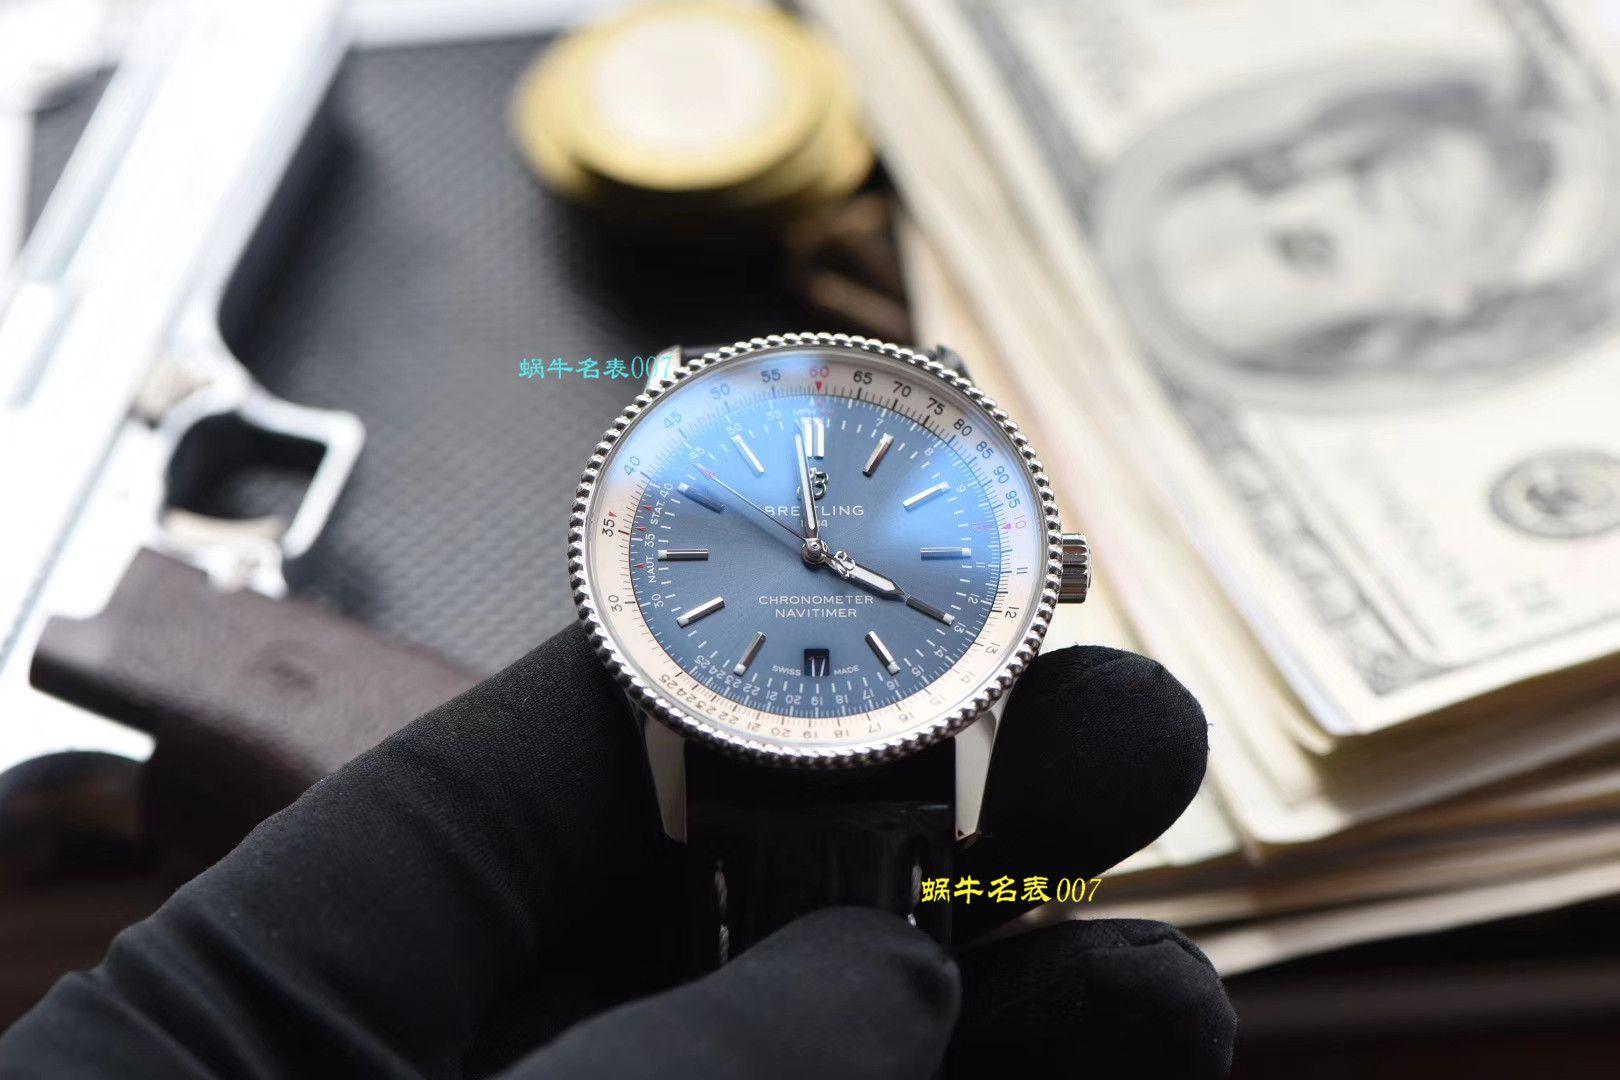 【渠道原单】百年灵航空计时1系列A17326211C1P3(蓝面)腕表